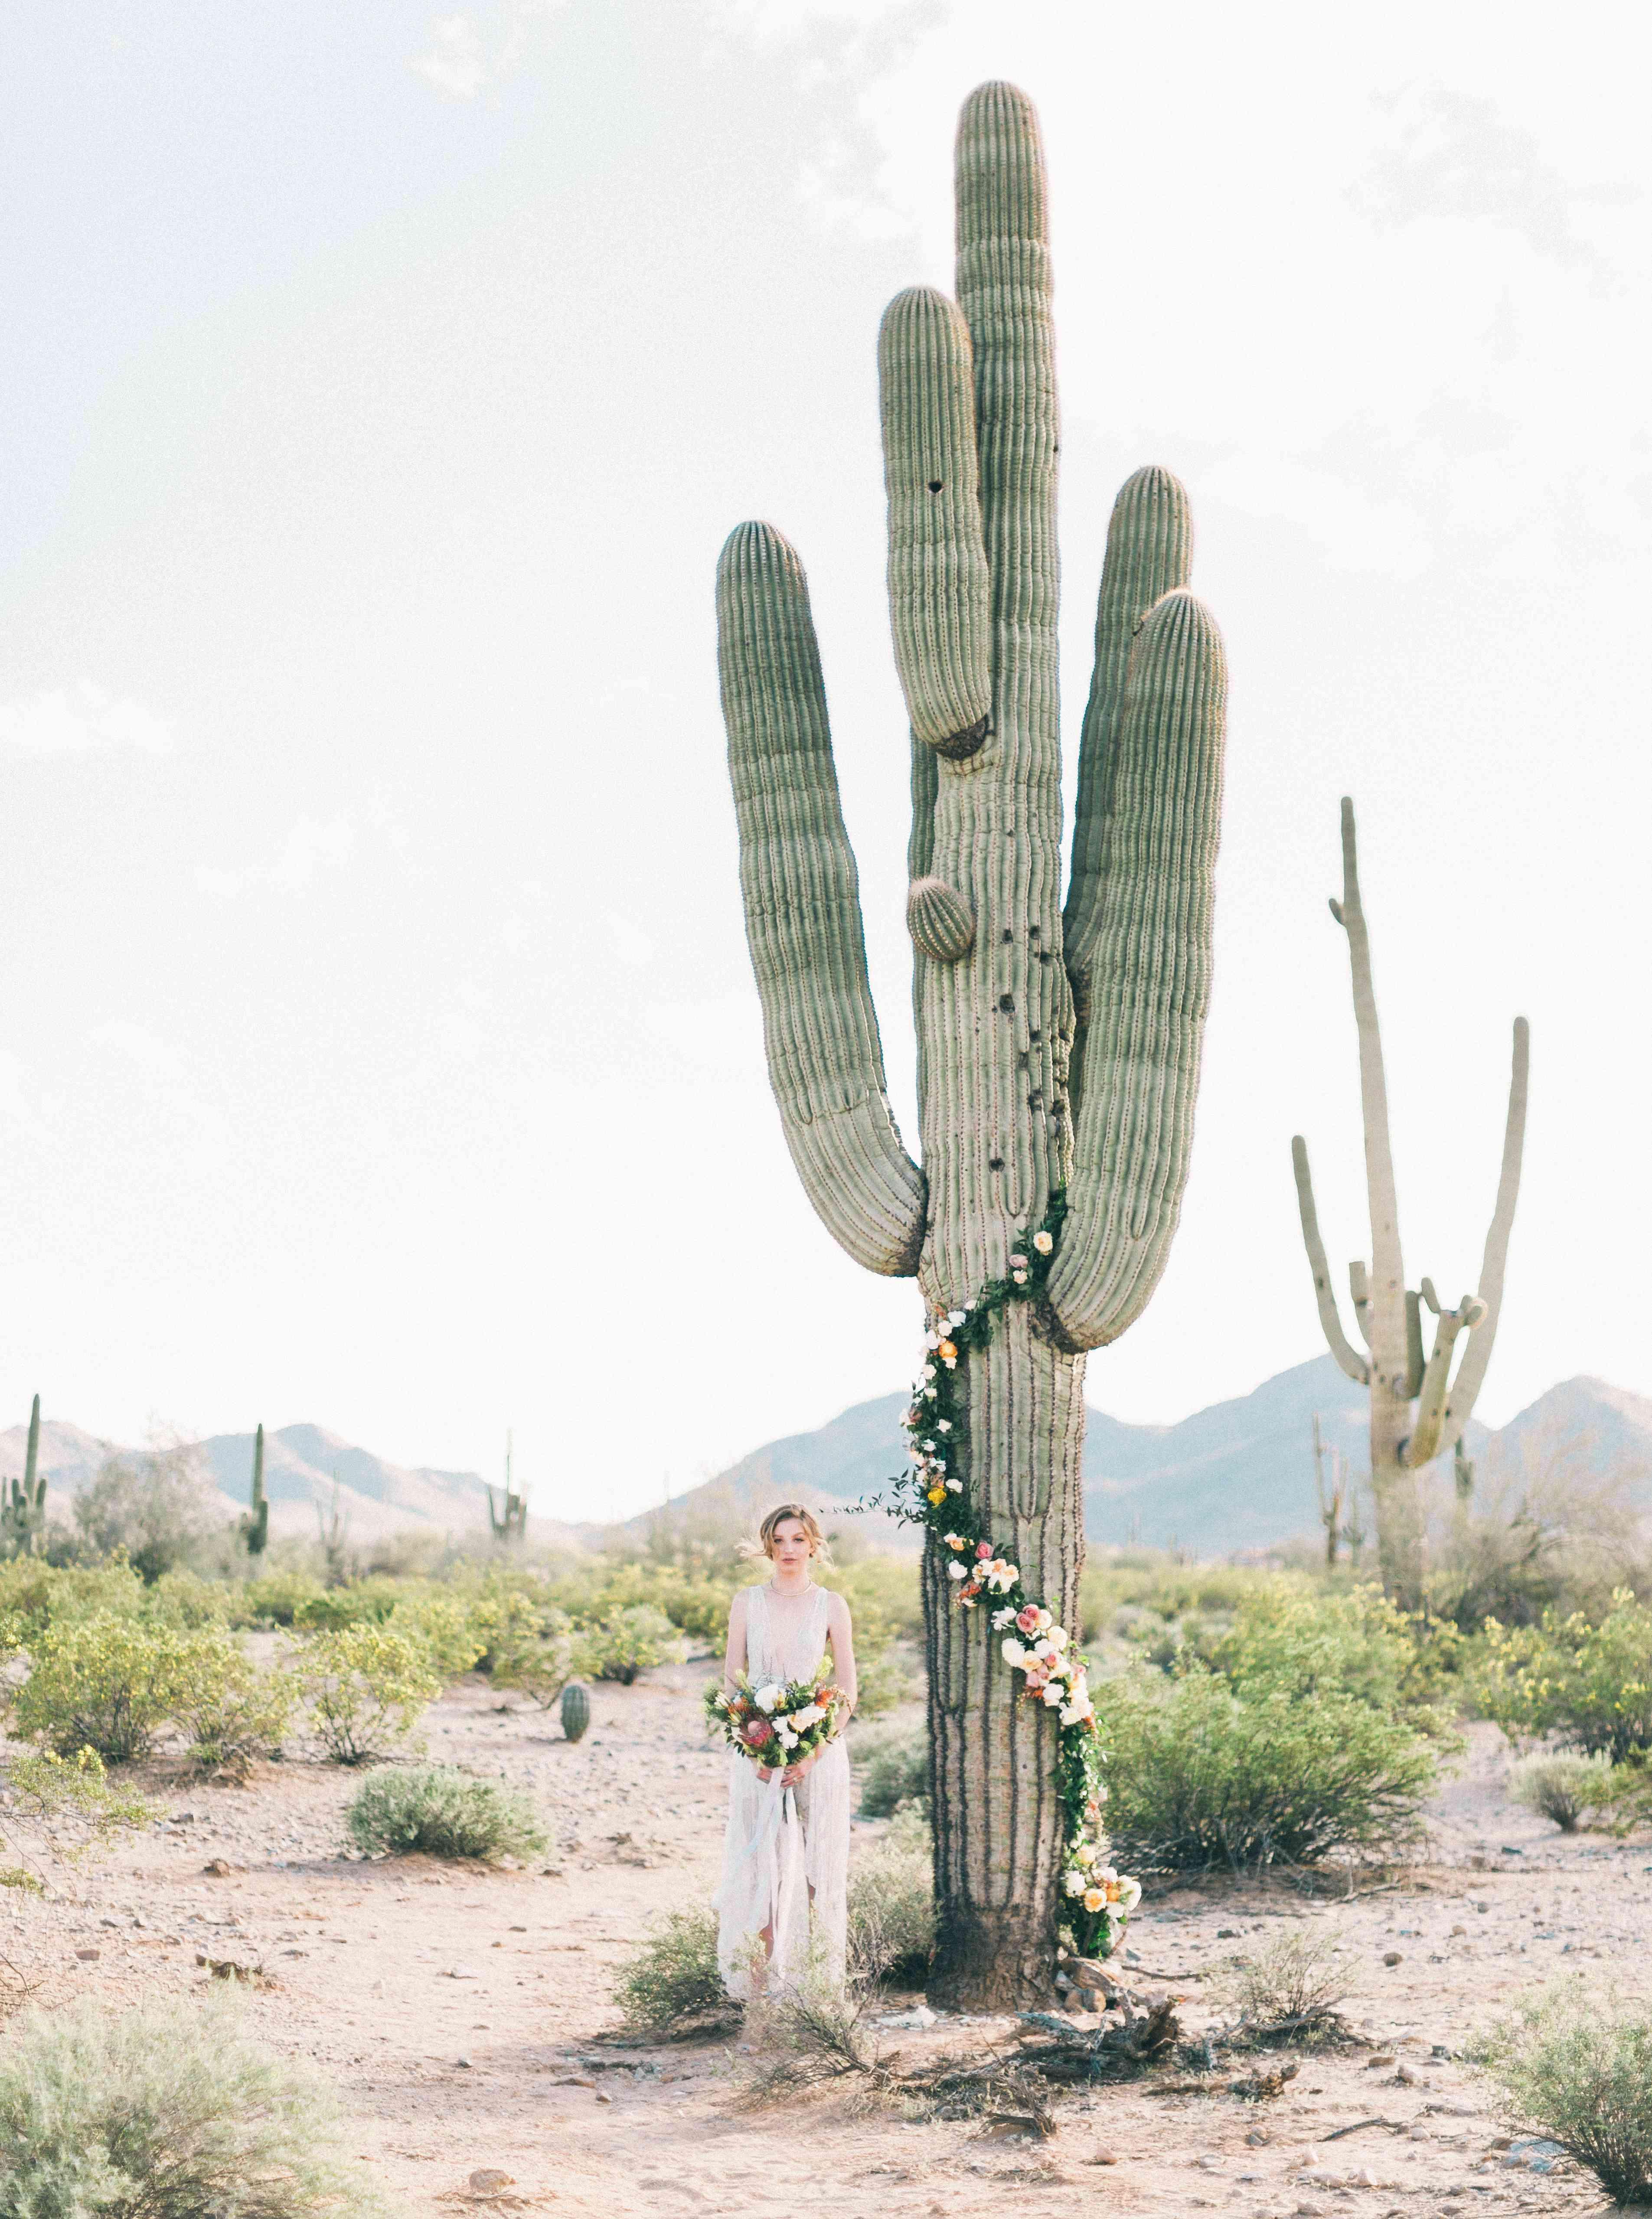 Cactus arch with bride